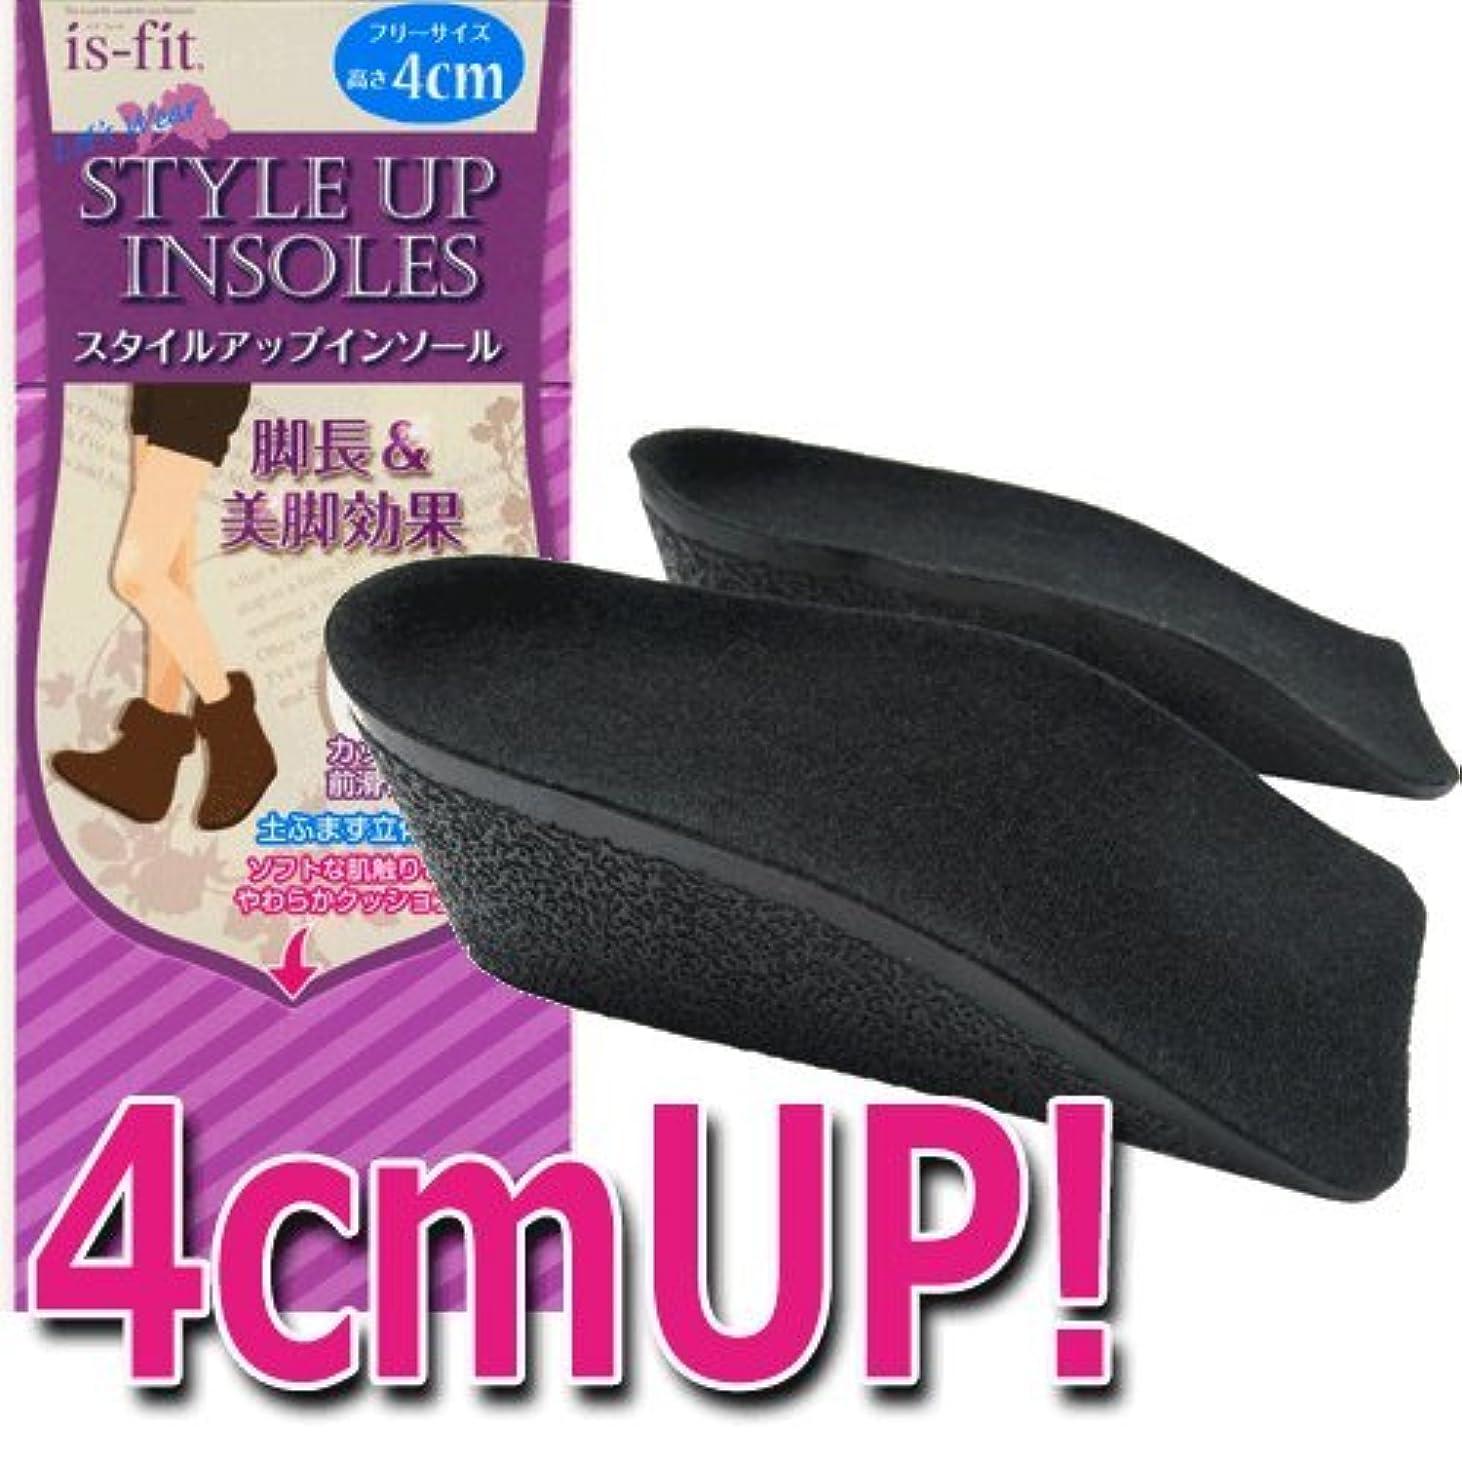 ディレイディレイ敏感なモリト is-fit(イズフィット) スタイルアップインソール 4cm 女性用 フリーサイズ ブラック